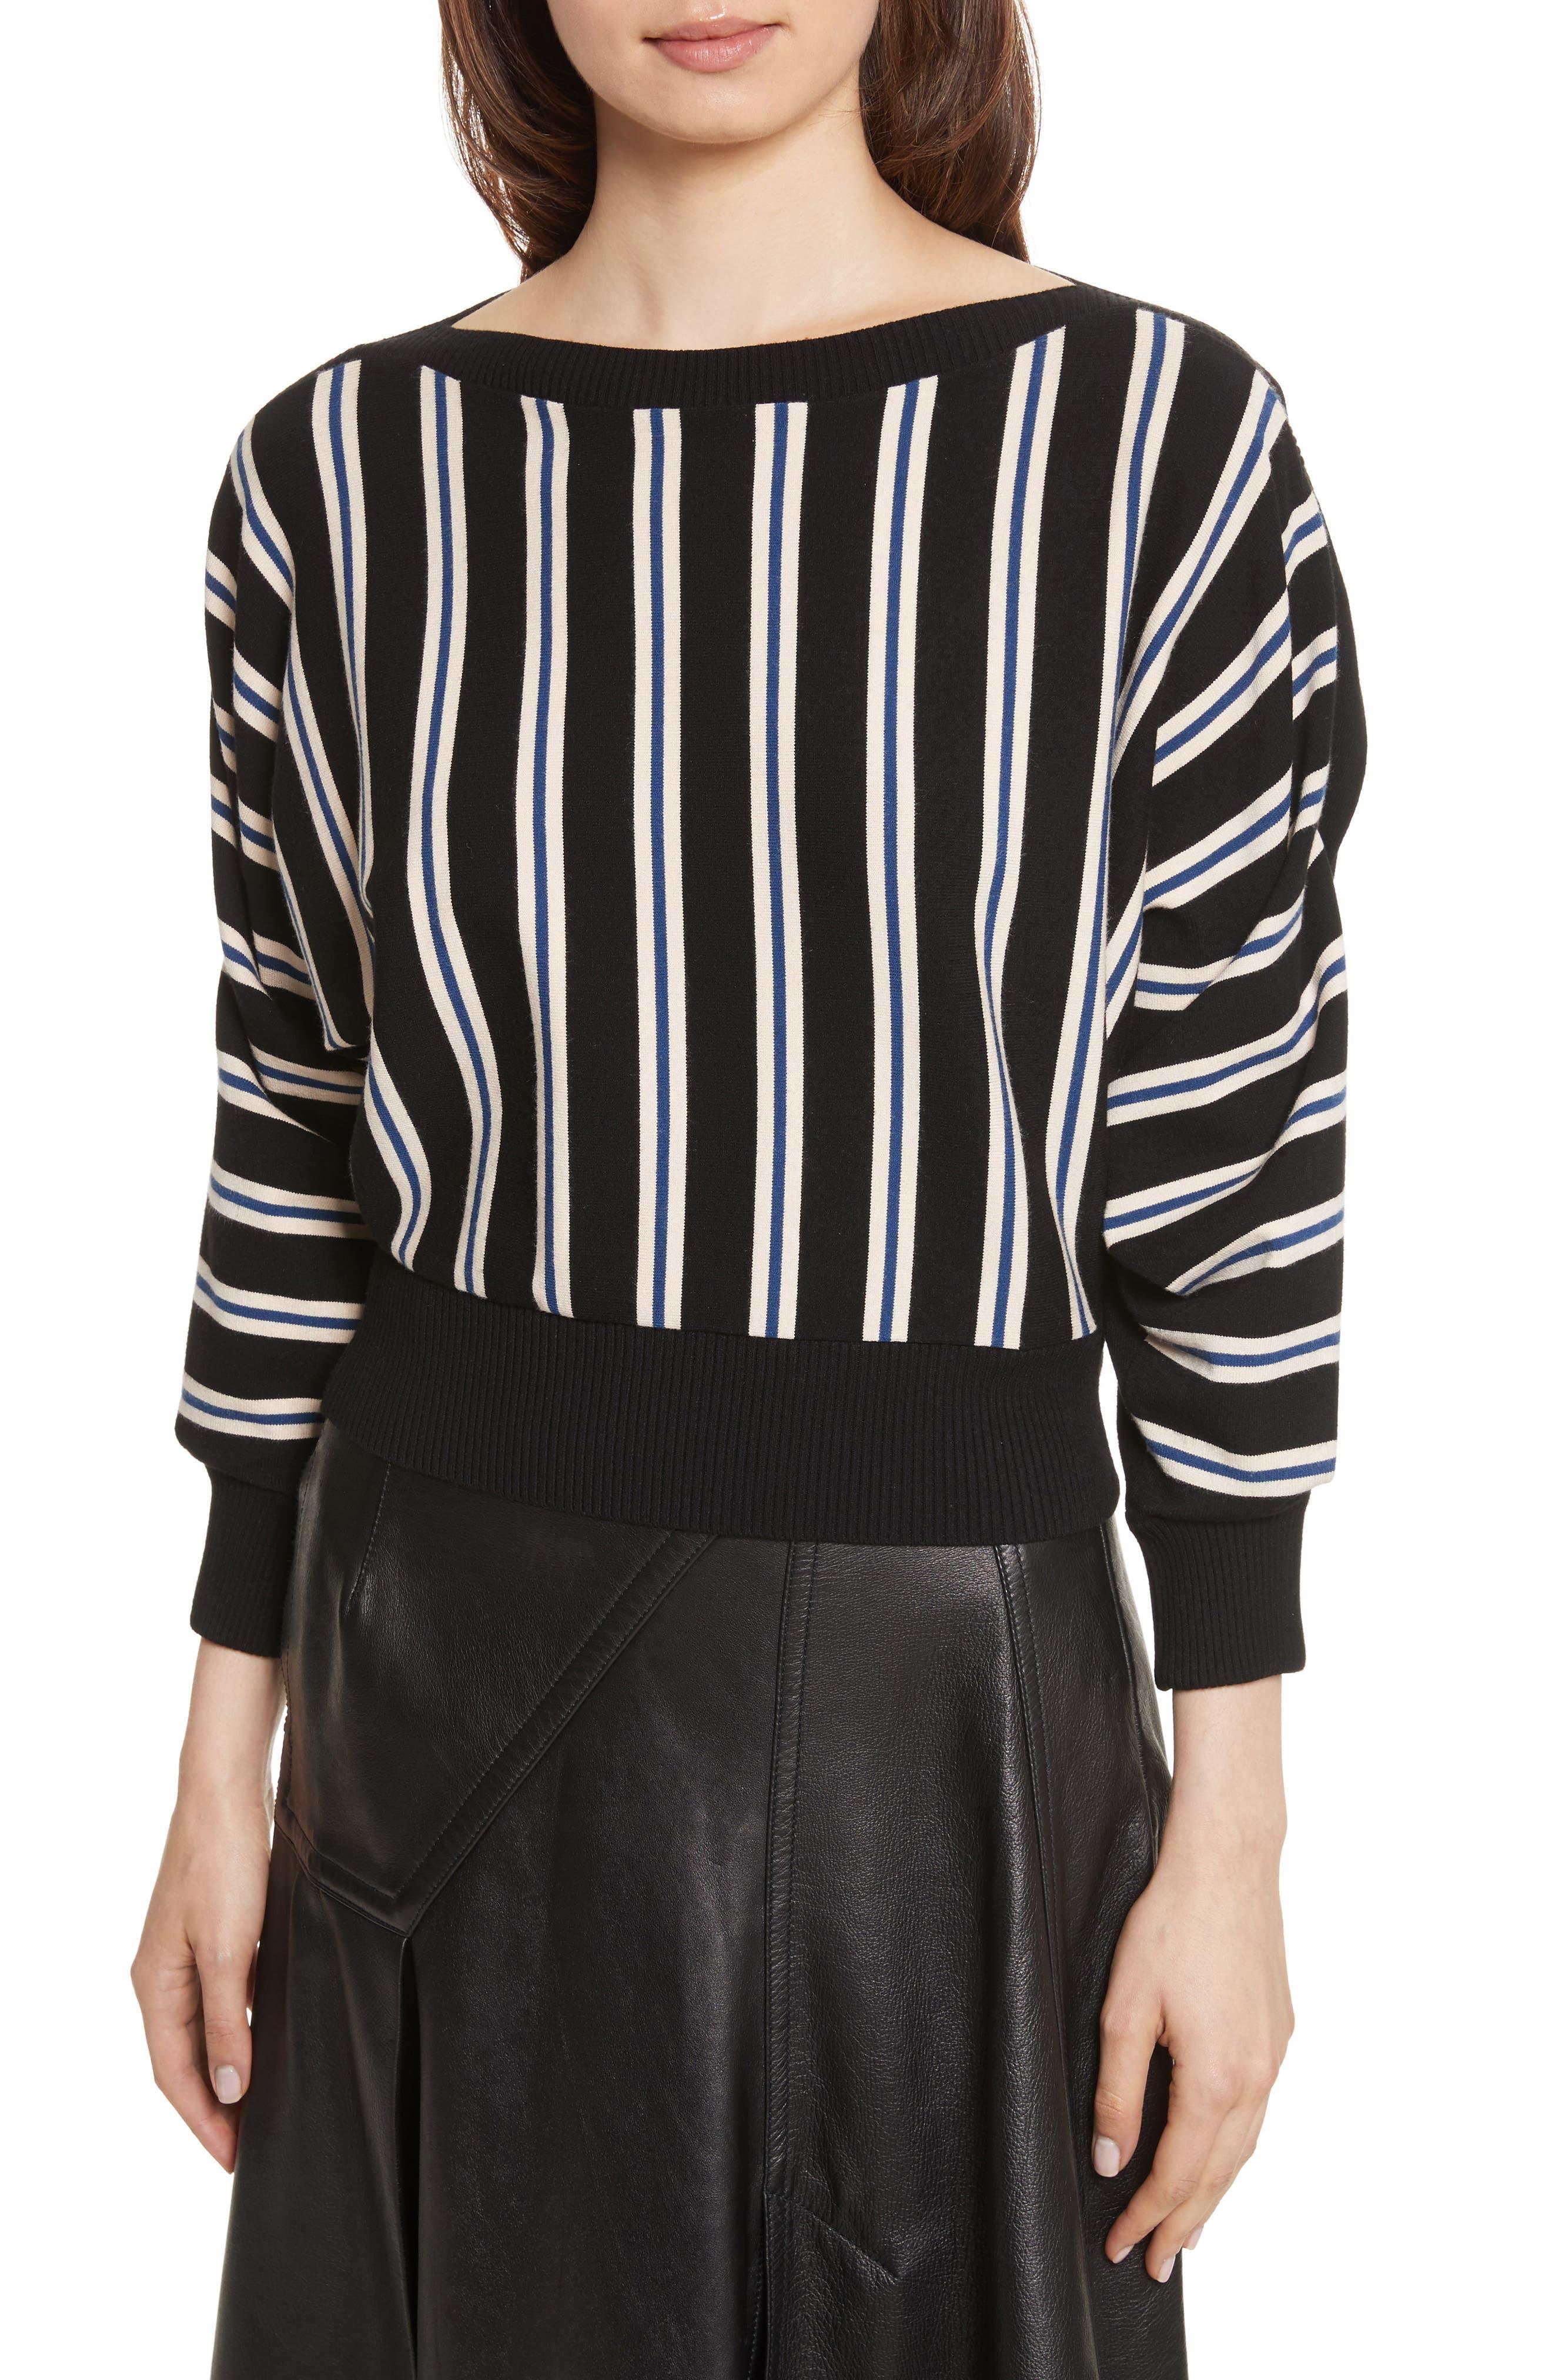 3.1 Phillip Lim Ottoman Stripe Pullover